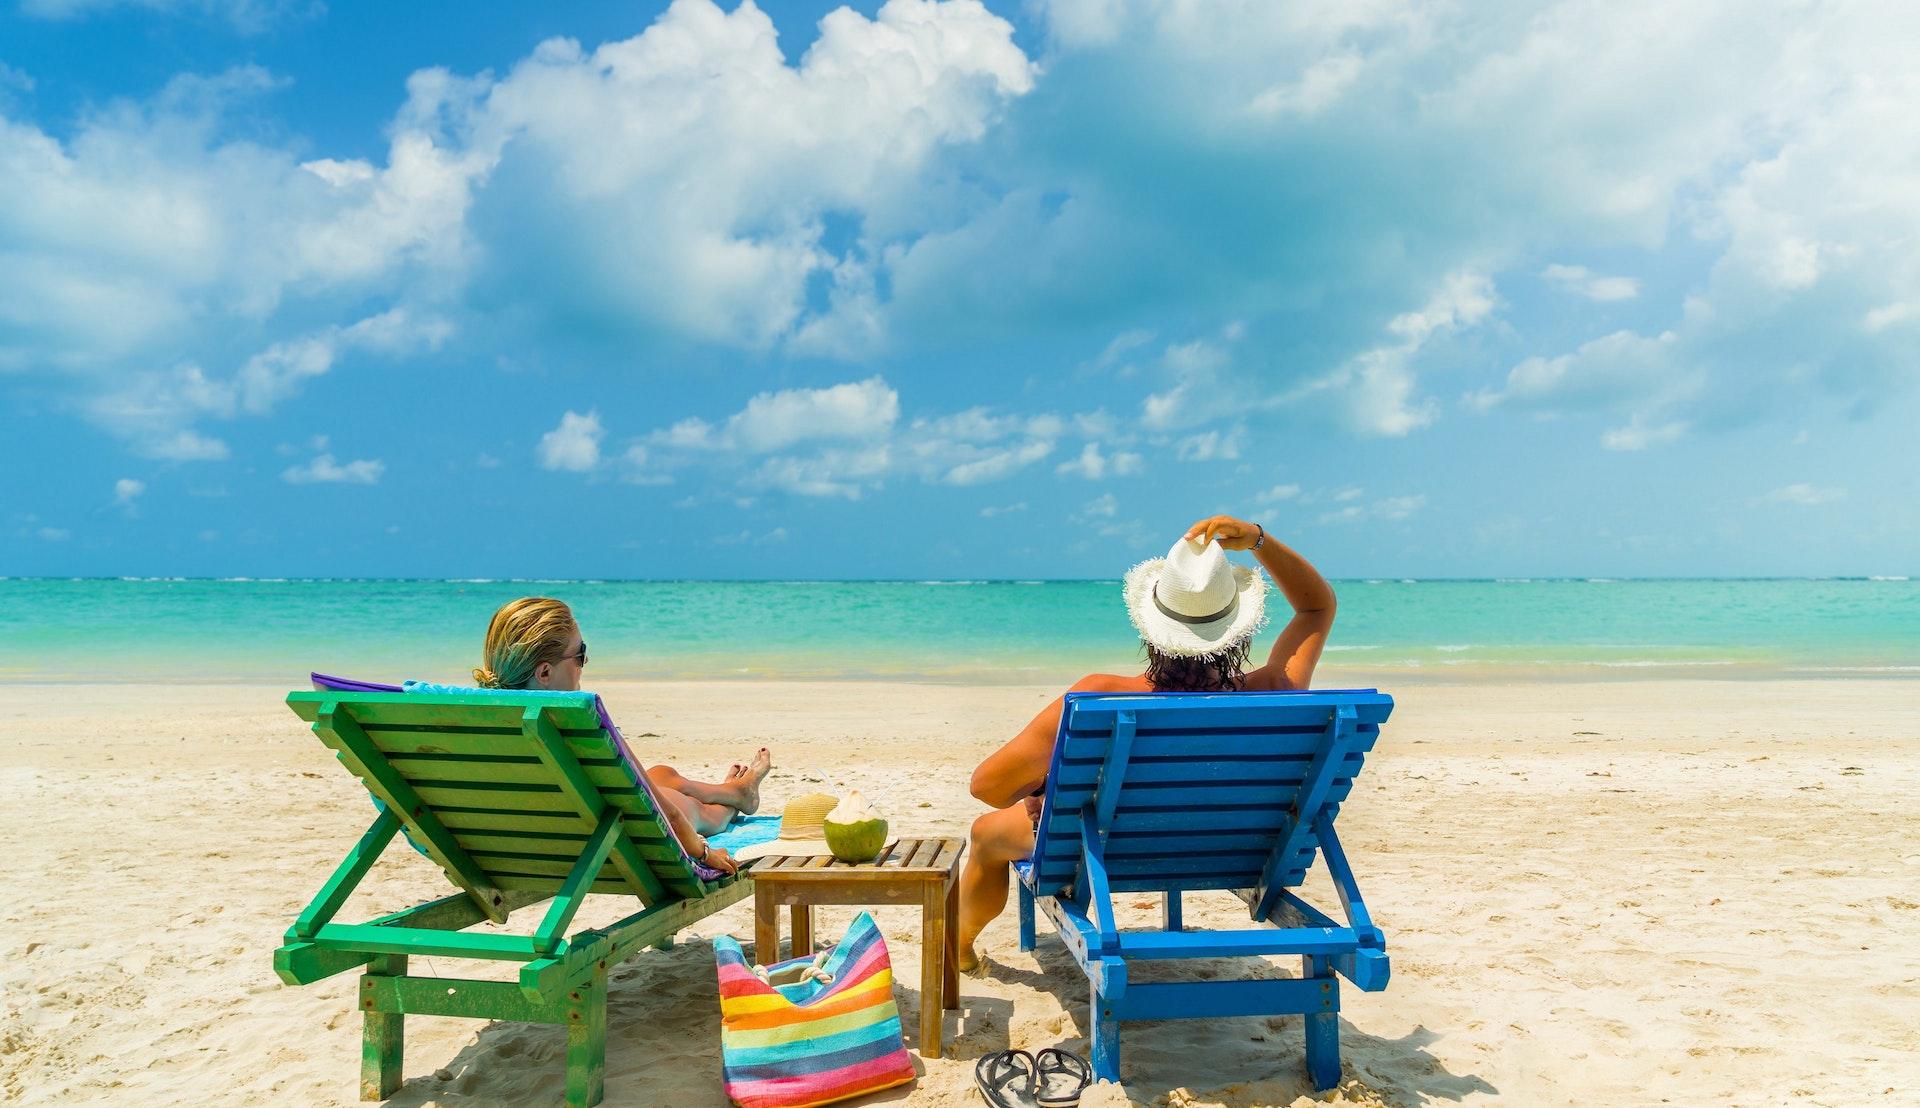 Kryssning Barbados - flyg, hotell och kryssning till paradisöar